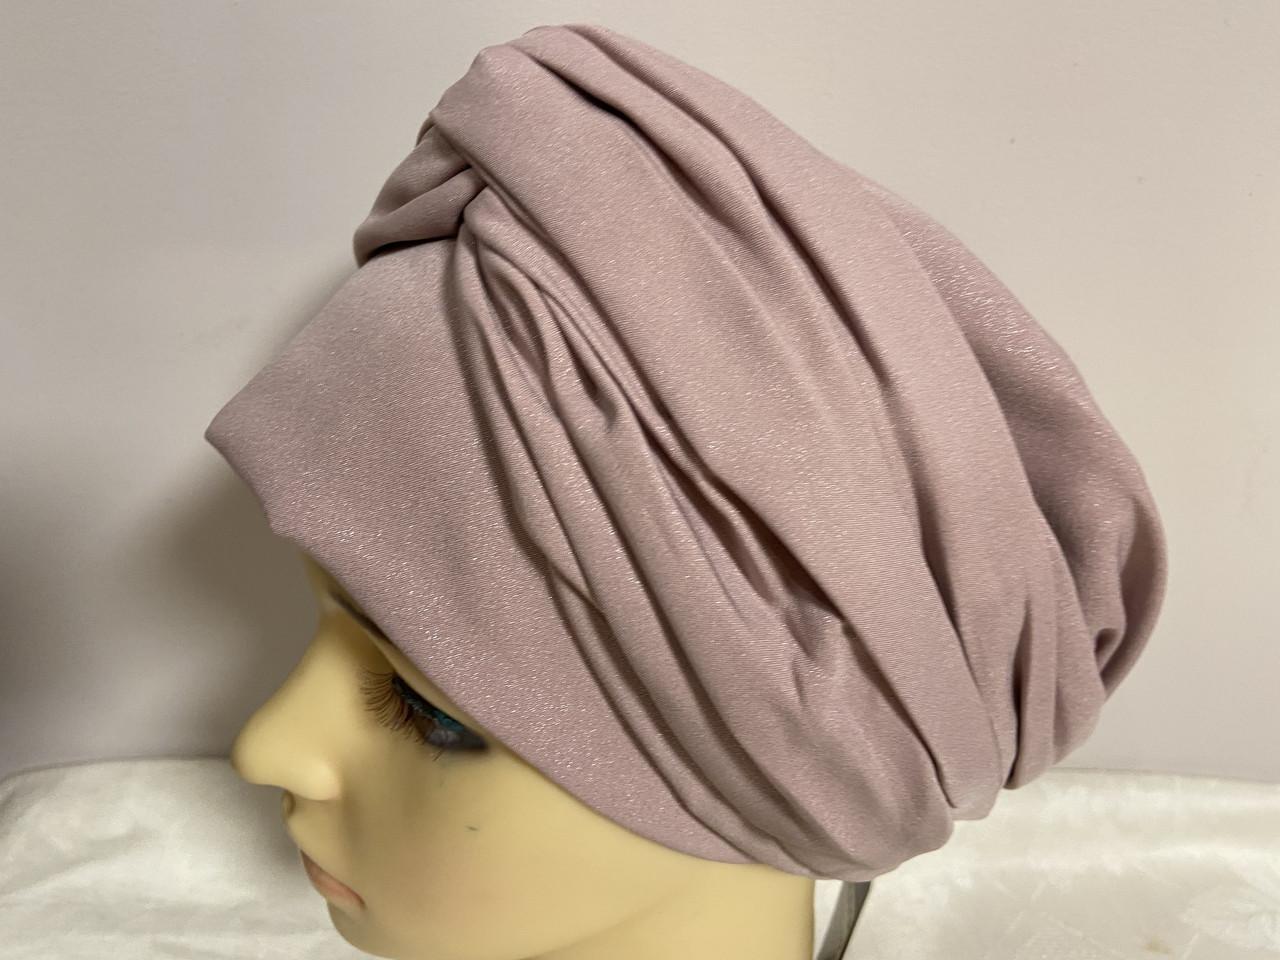 Шапка чалма демісезонна тонка з об'ємним плетеним прикрасою колір пудра